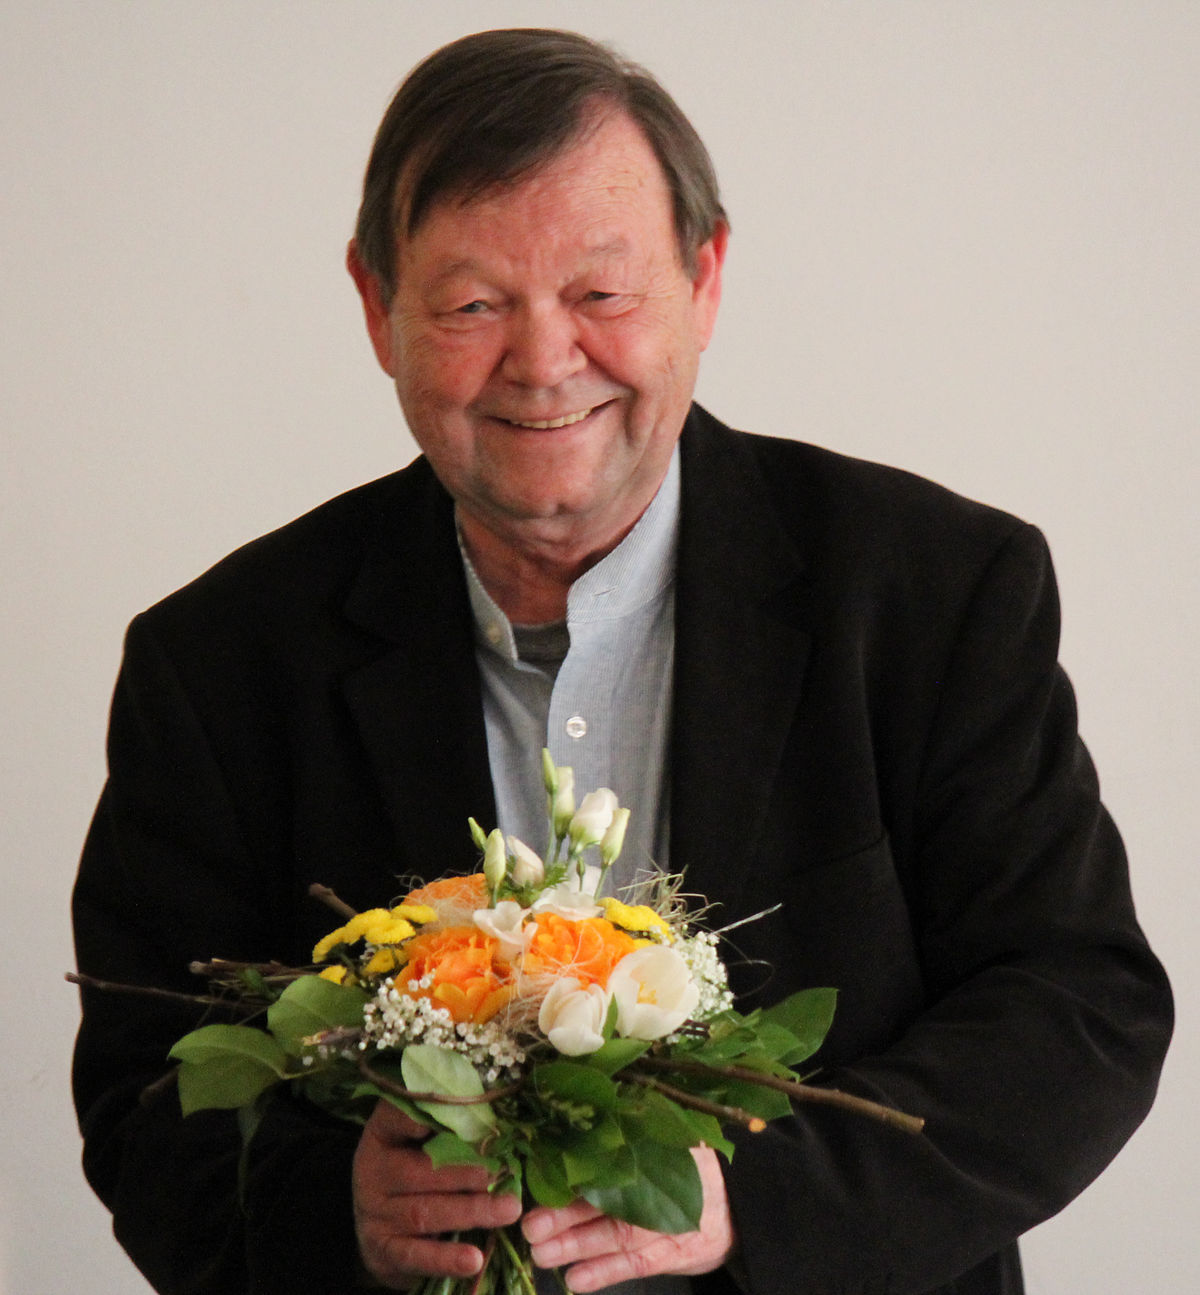 Ernst Georg Schwill